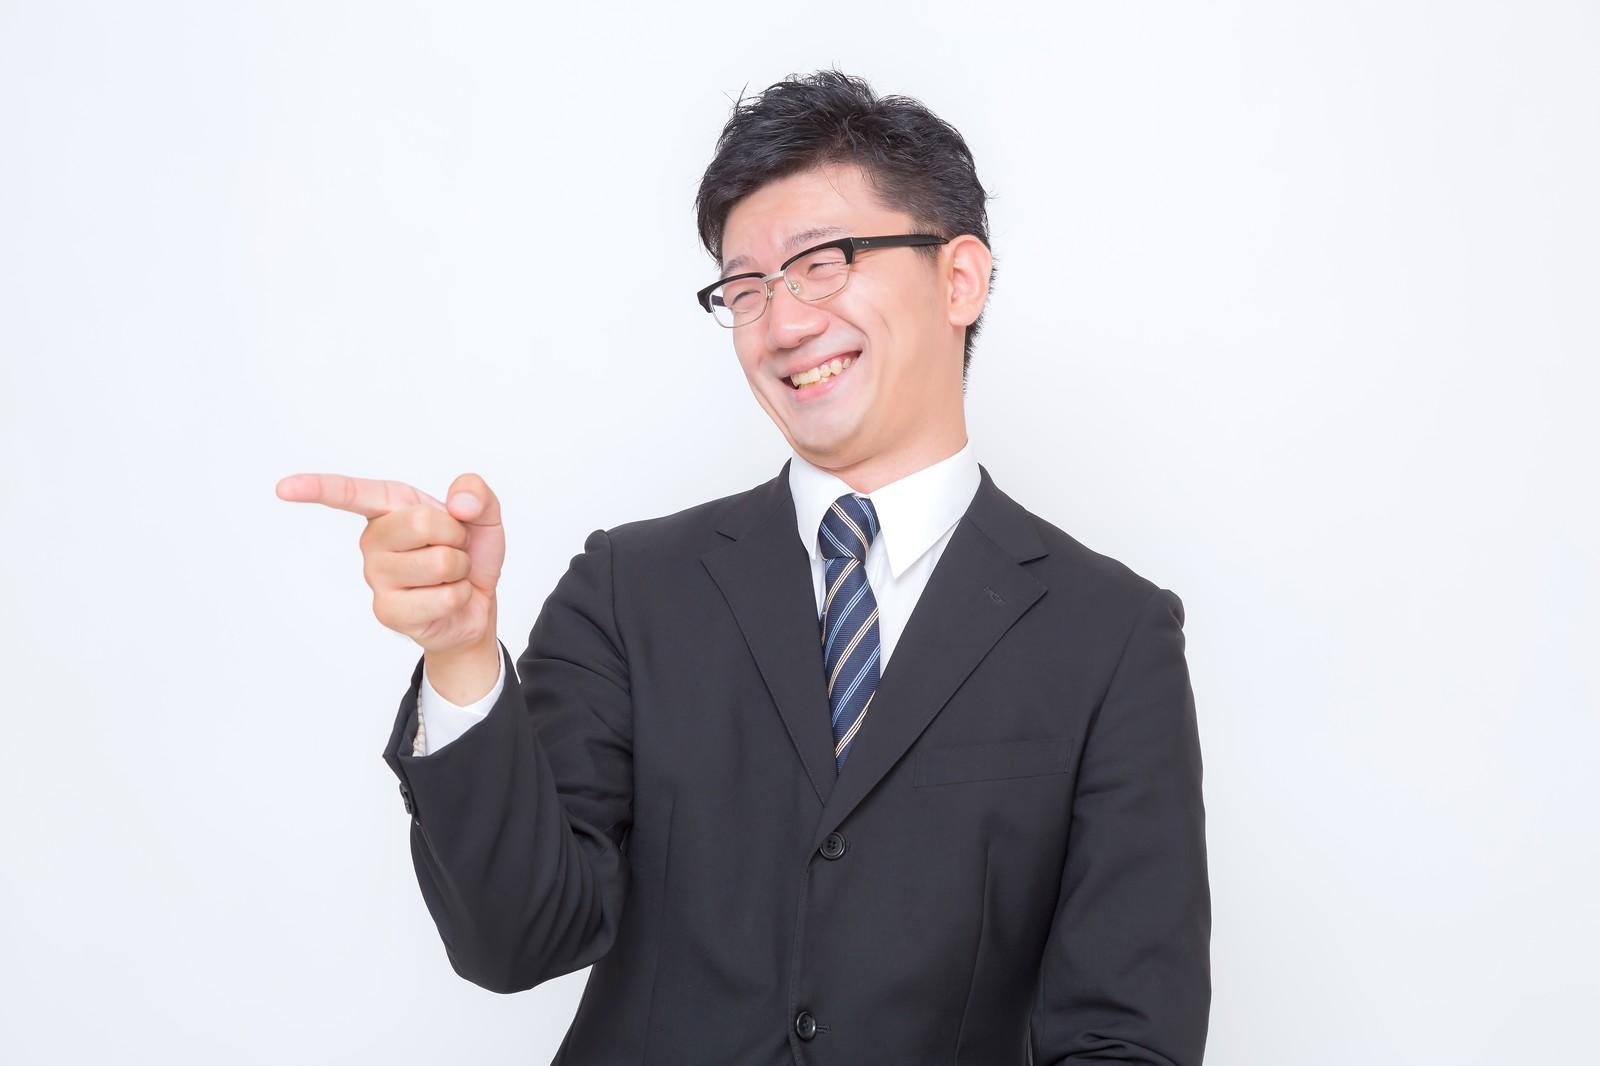 乙坂智 ダルビッシュ 似てる 年俸 ハーフ 画像